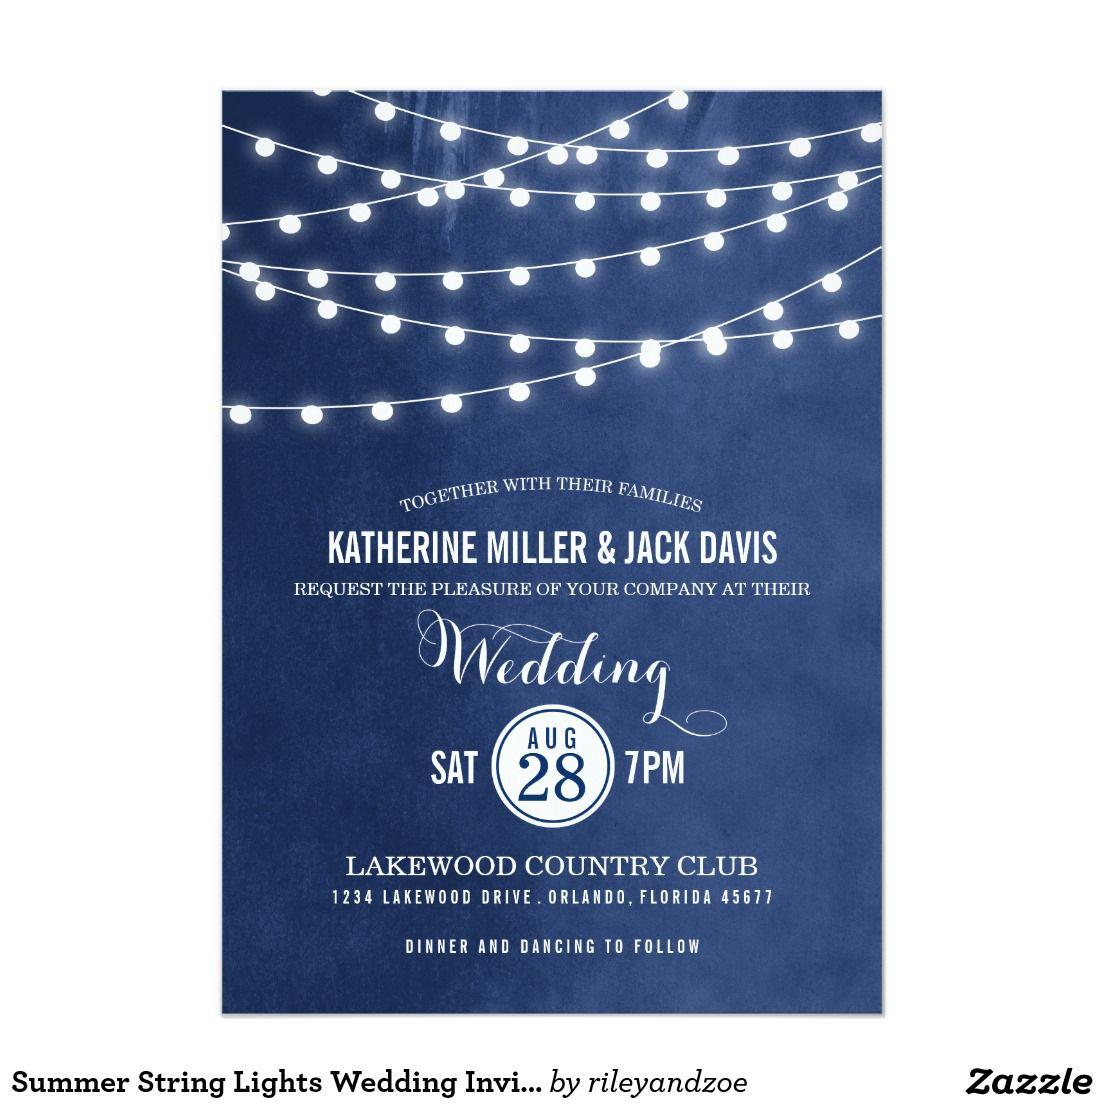 Summer string lights wedding invitation summer wedding invitations summer string lights wedding invitation filmwisefo